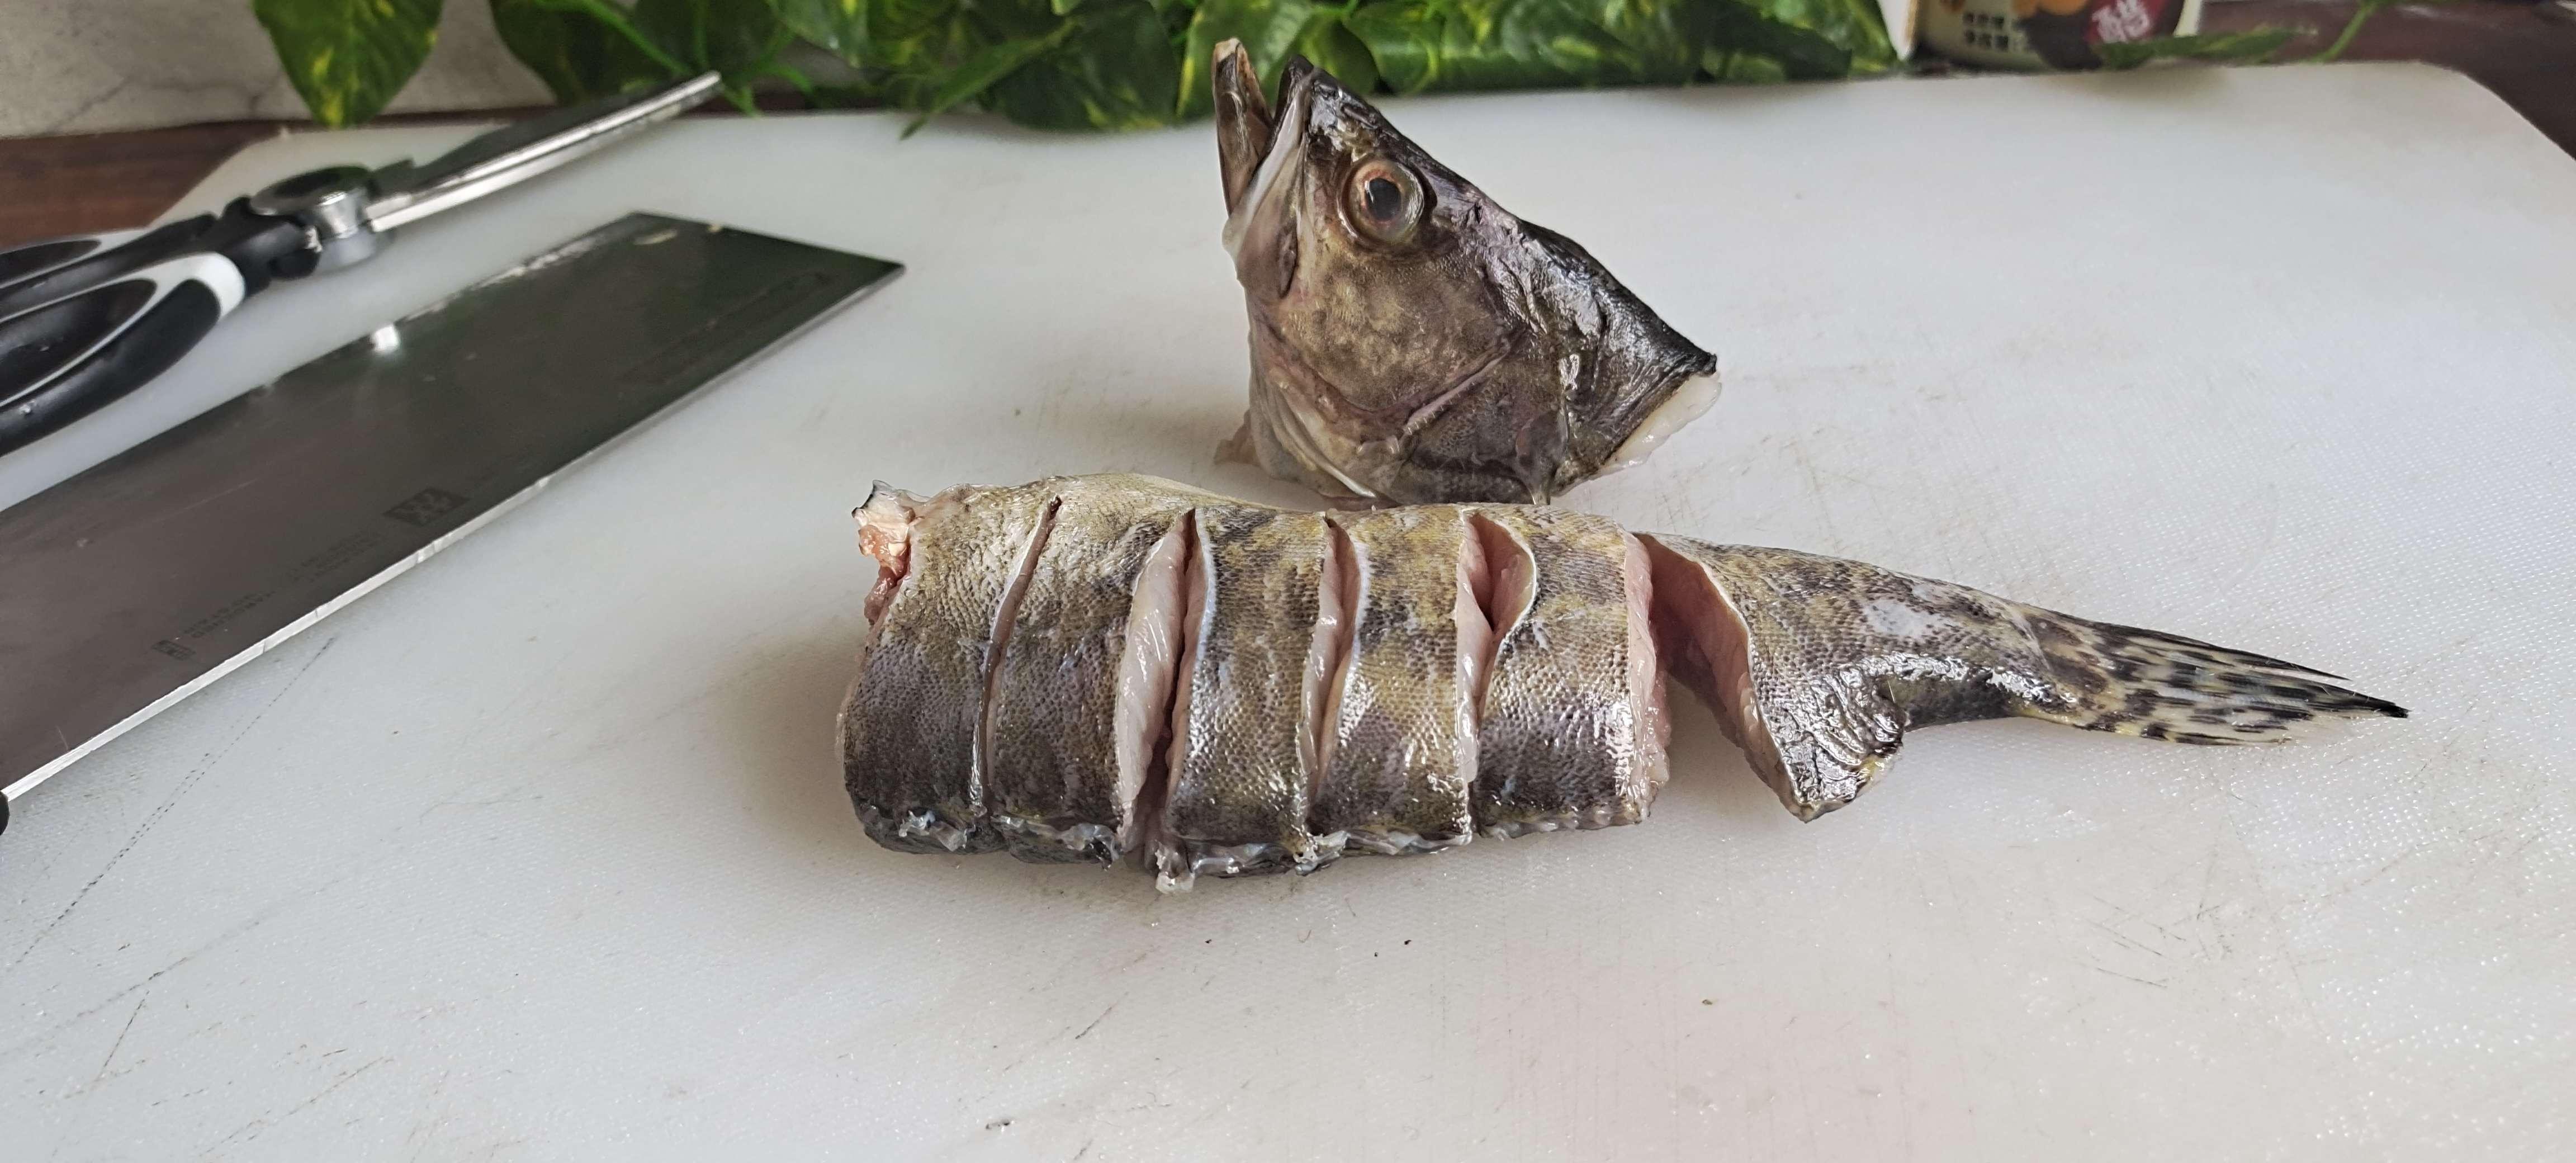 新年餐桌这样做鱼,红红火火…蒜蓉剁椒蒸鳜鱼的家常做法